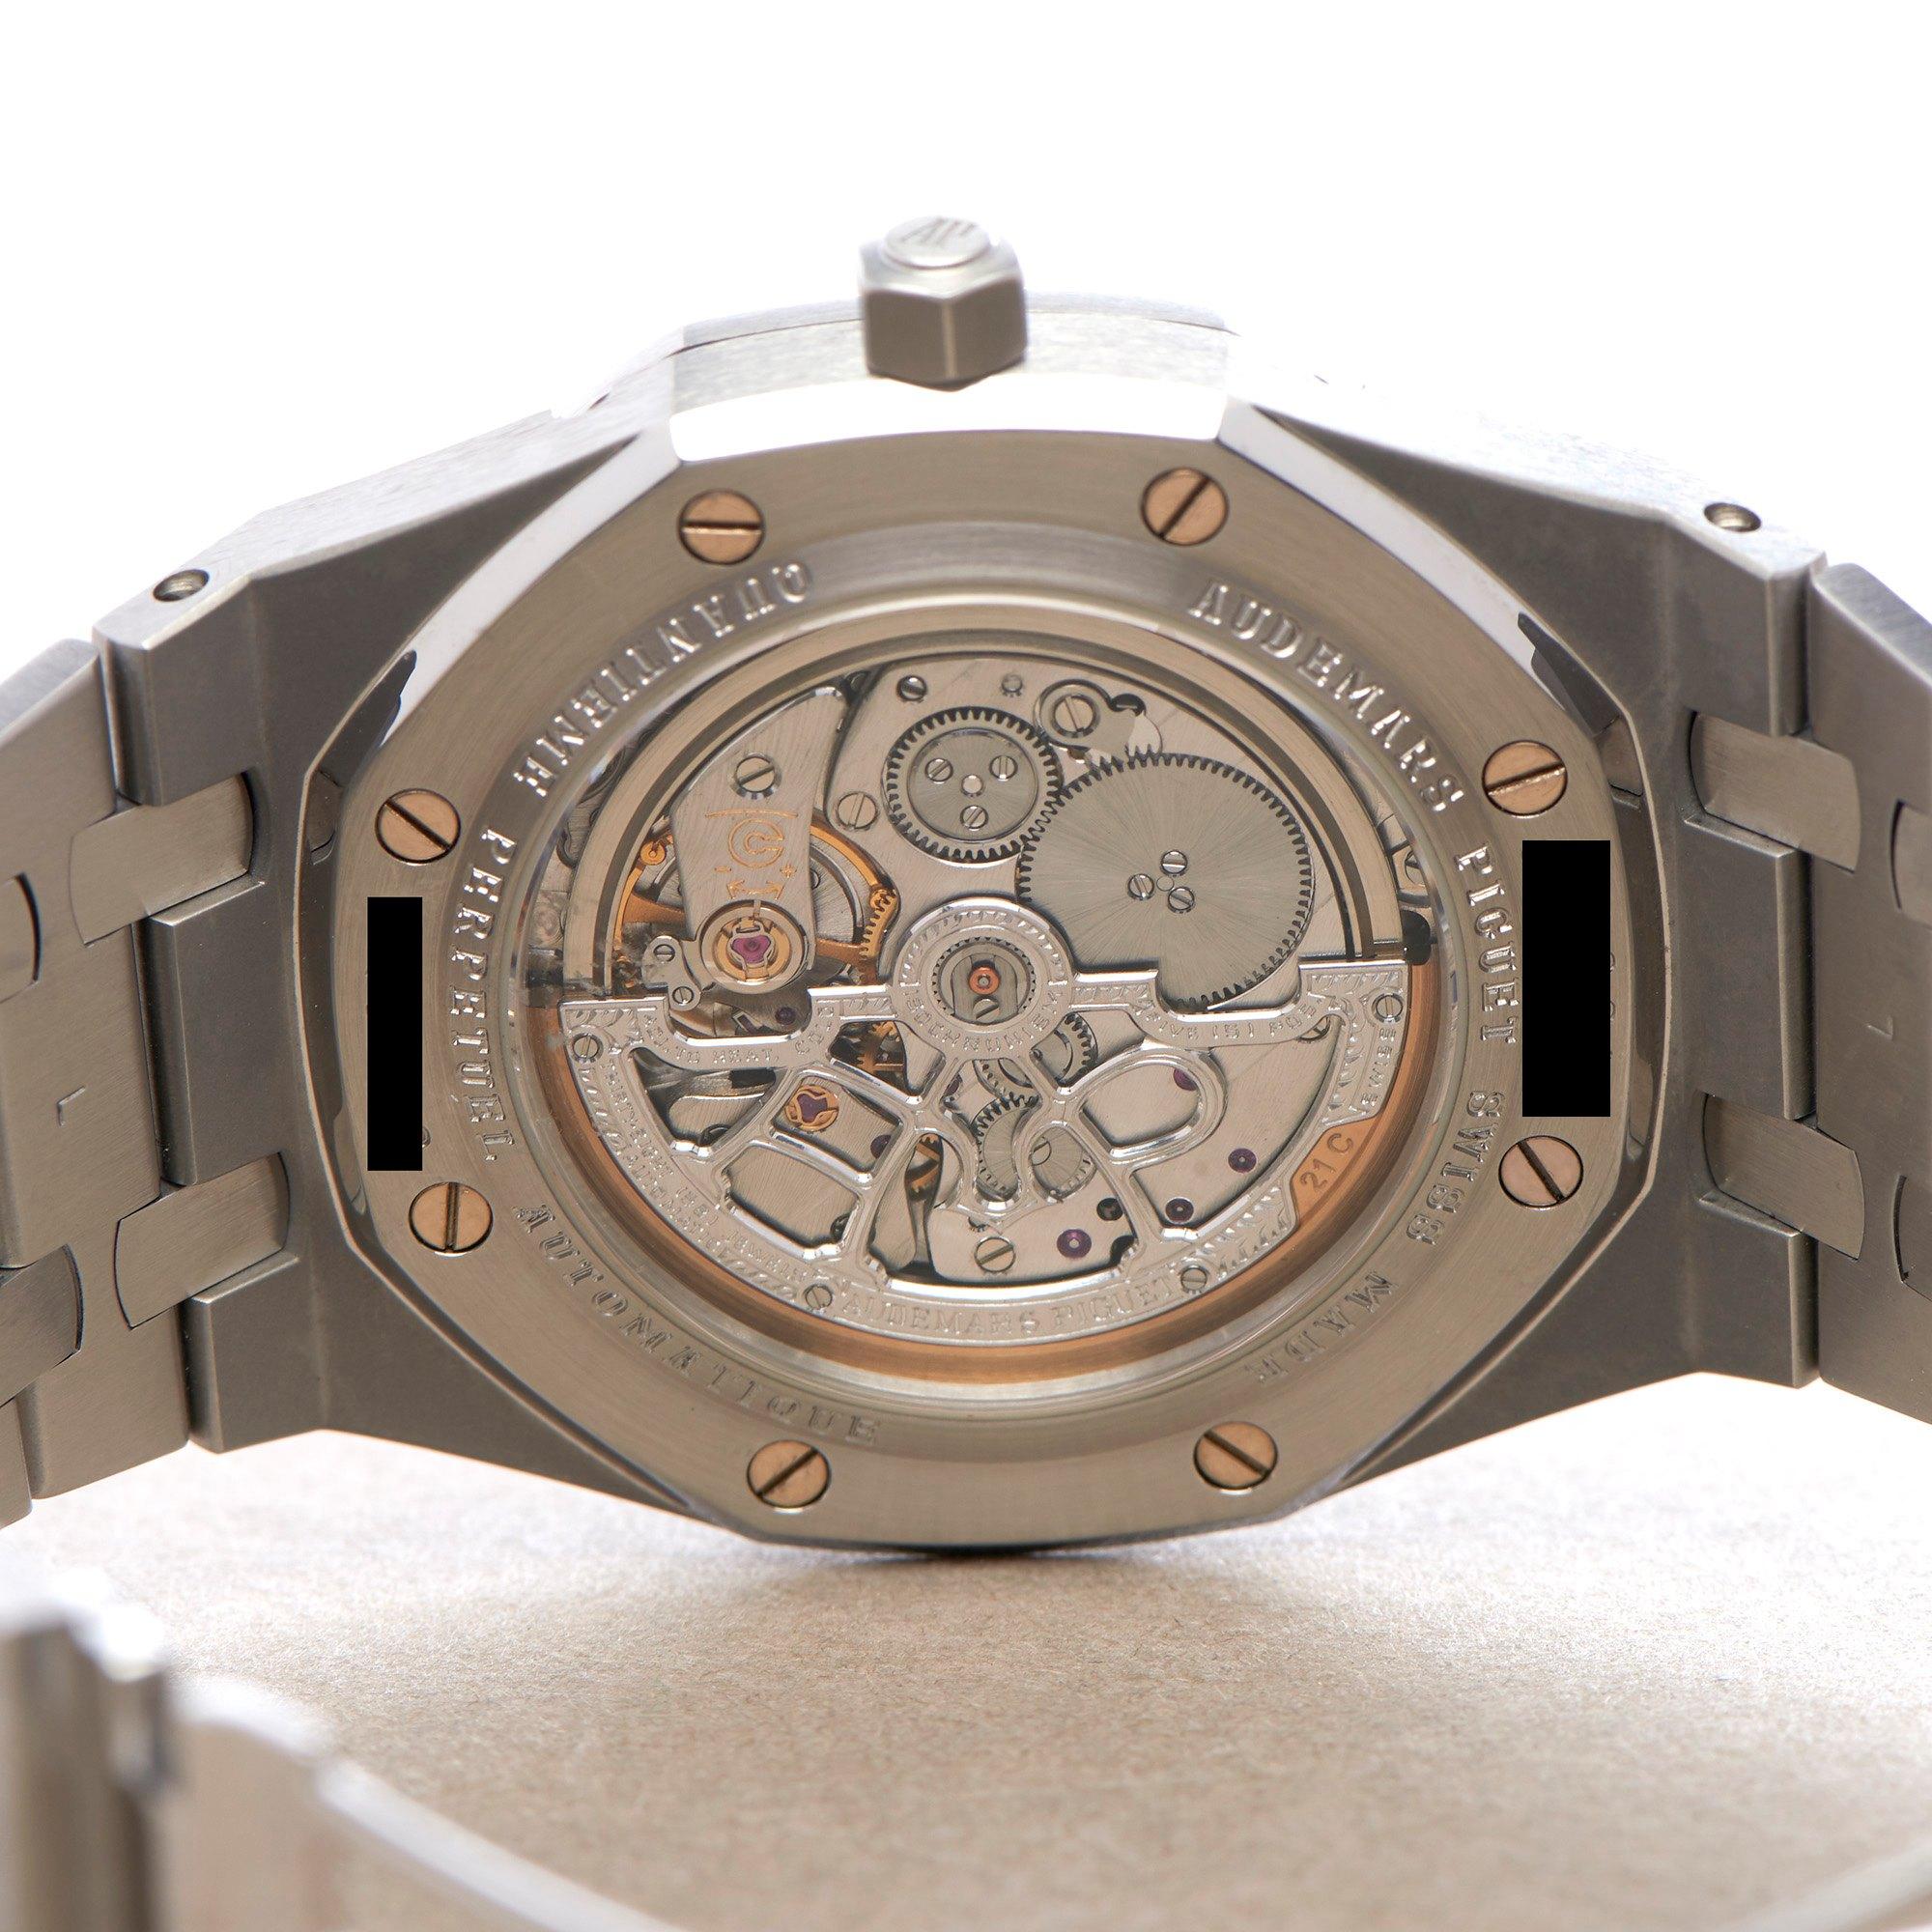 Audemars Piguet Royal Oak Perpetual Calendar Stainless Steel 25820ST